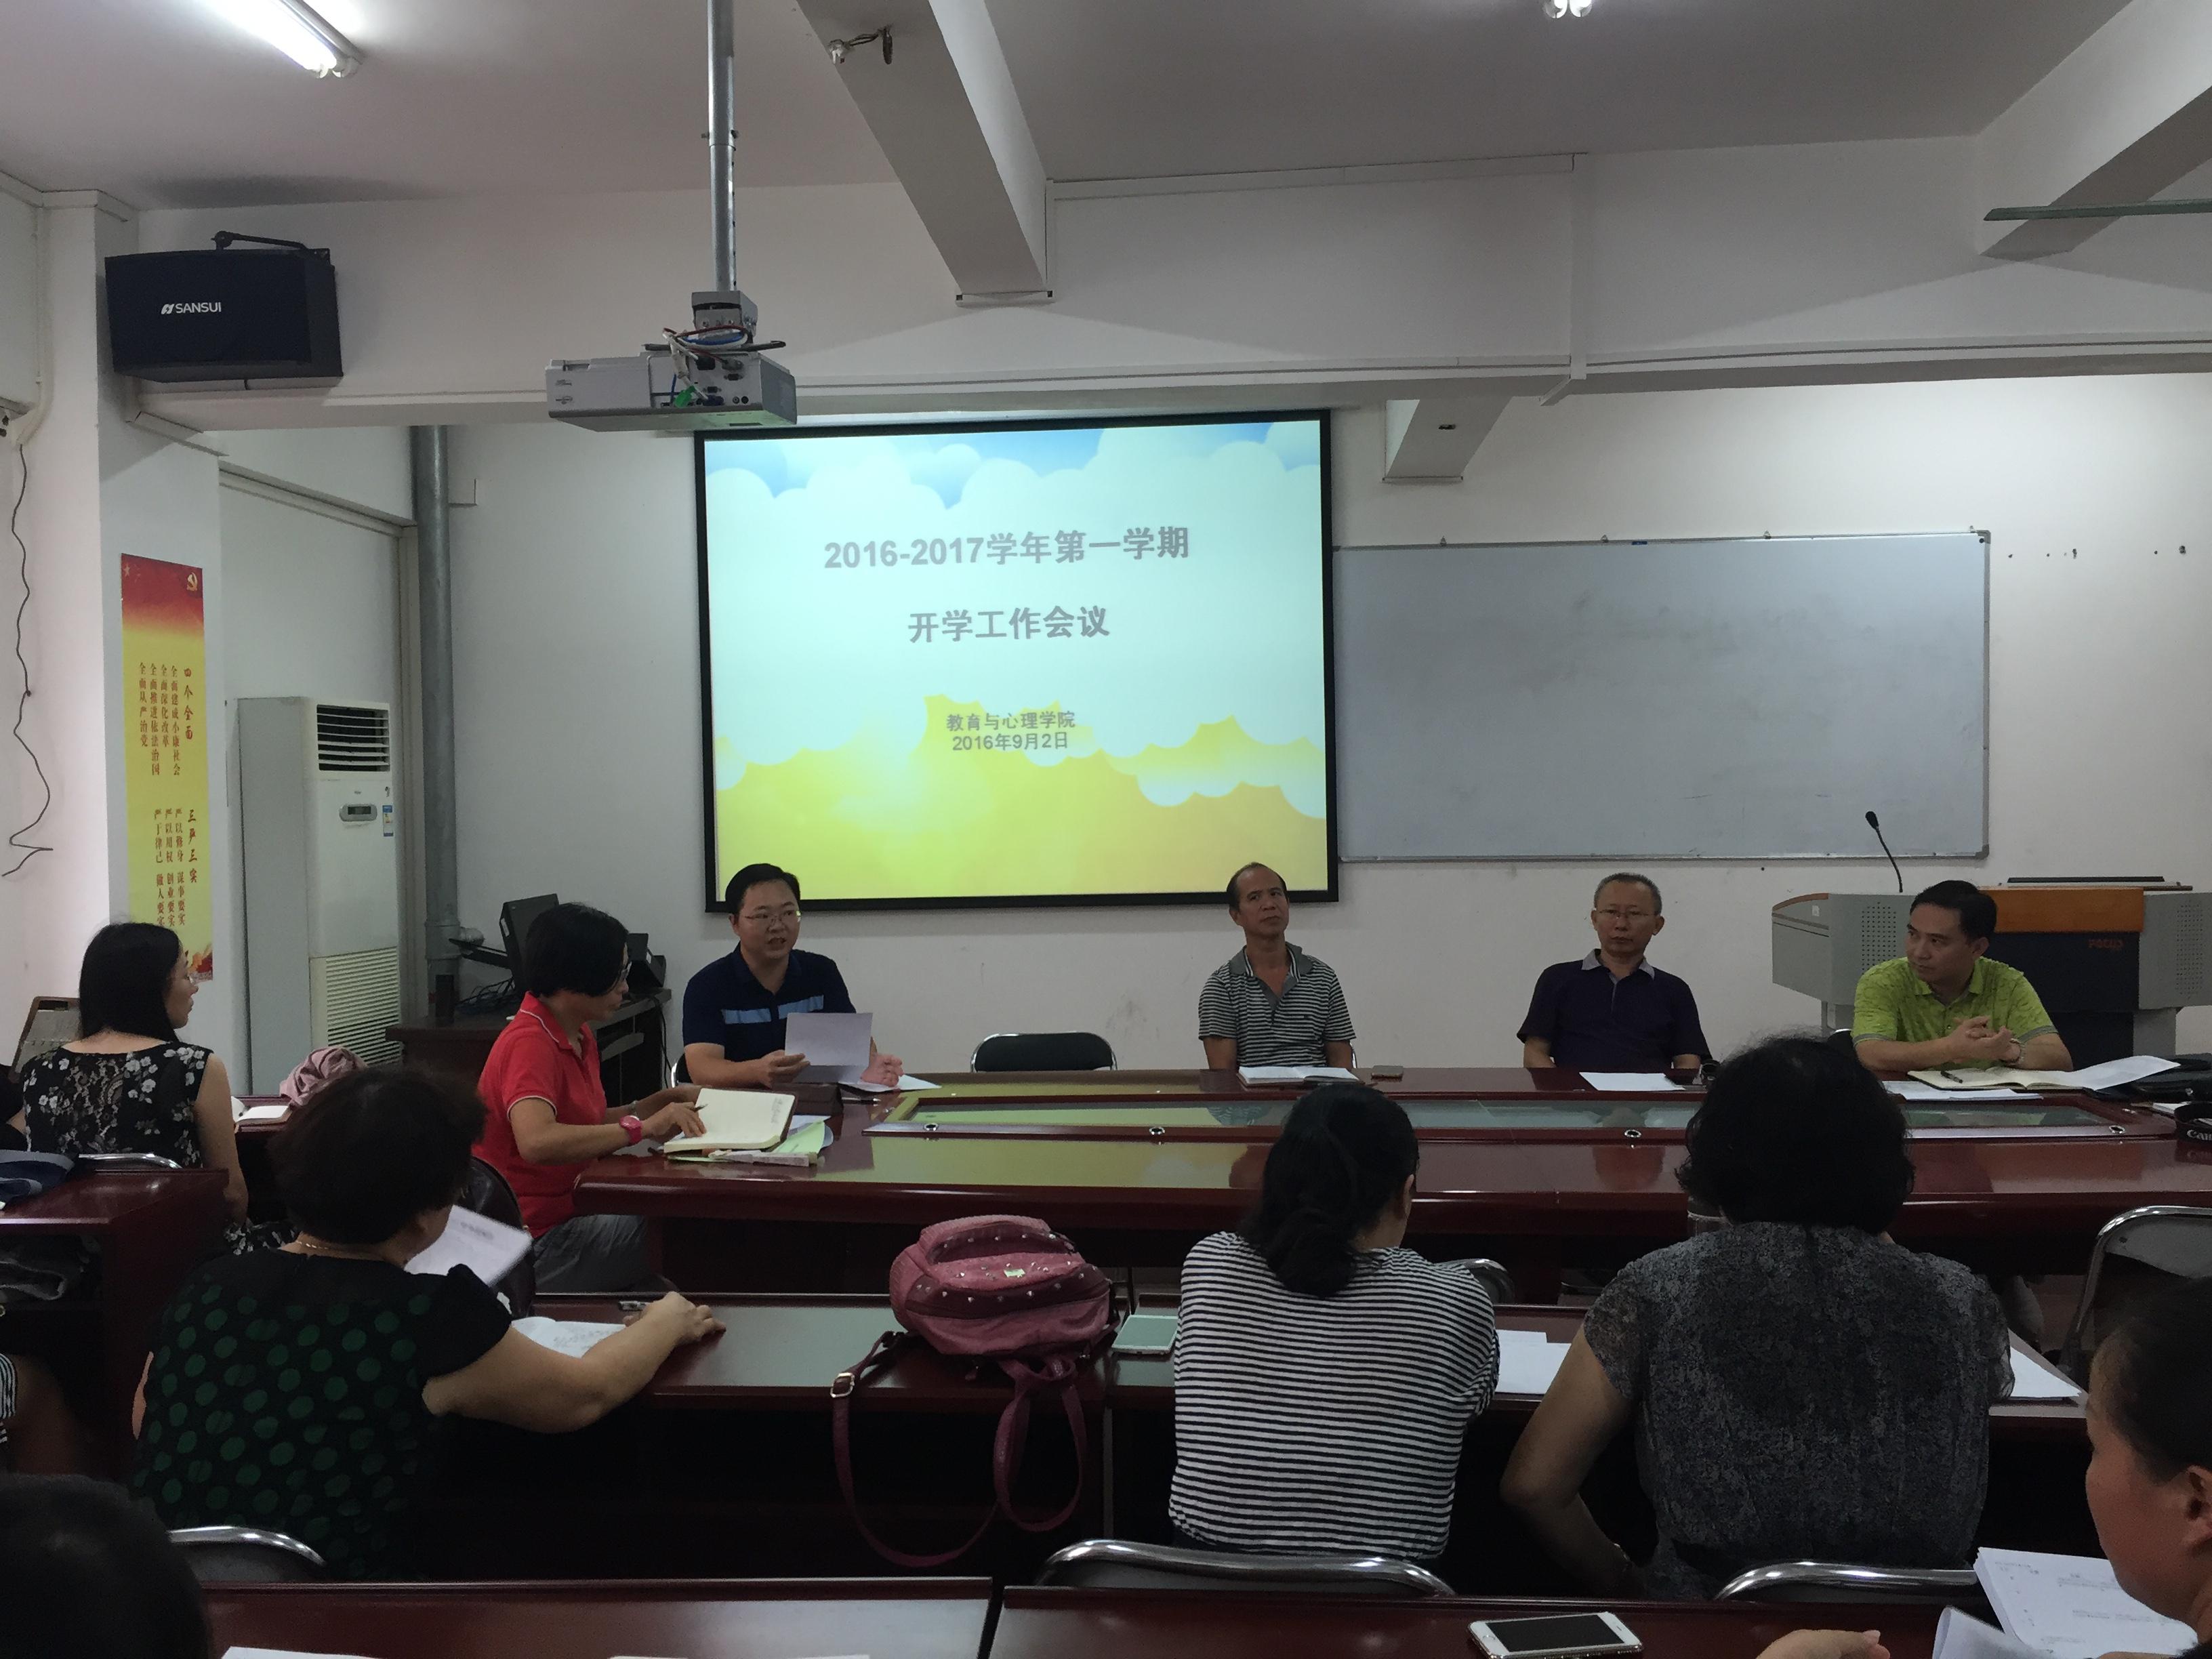 大庆冠通棋牌游戏世界外挂召开开学工作会议